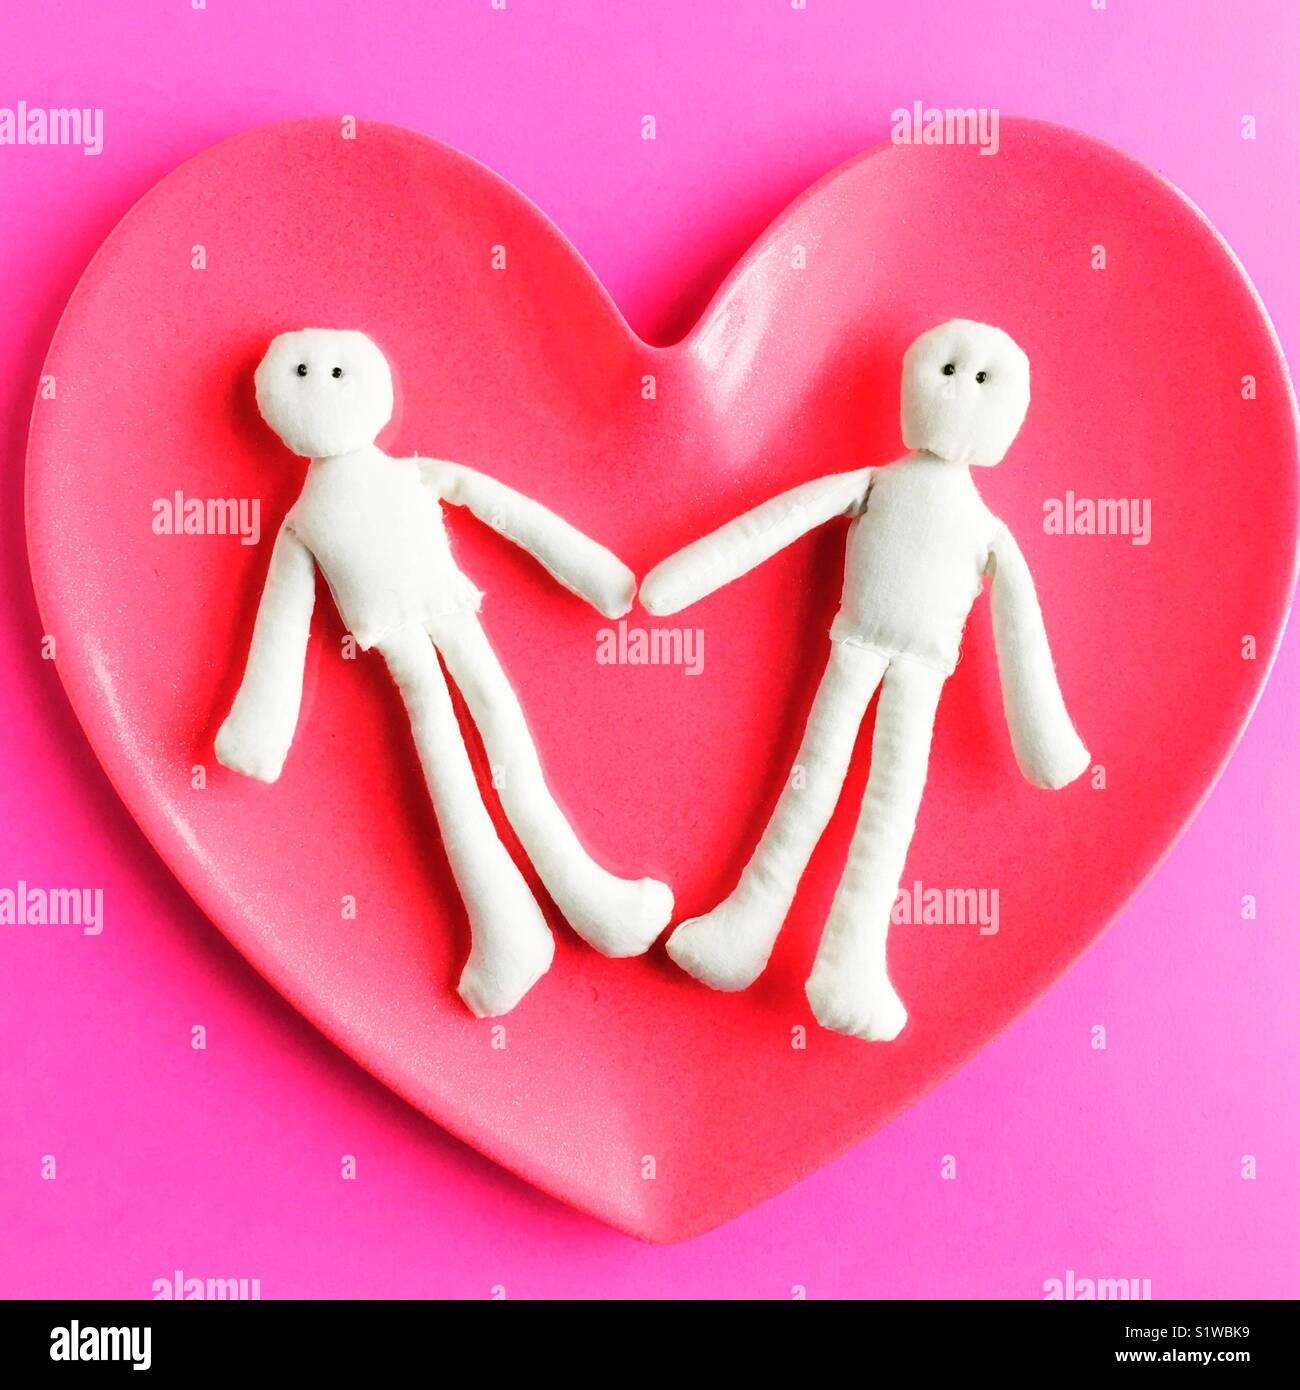 Konzeptionelle Liebesbeziehung. Stockfoto